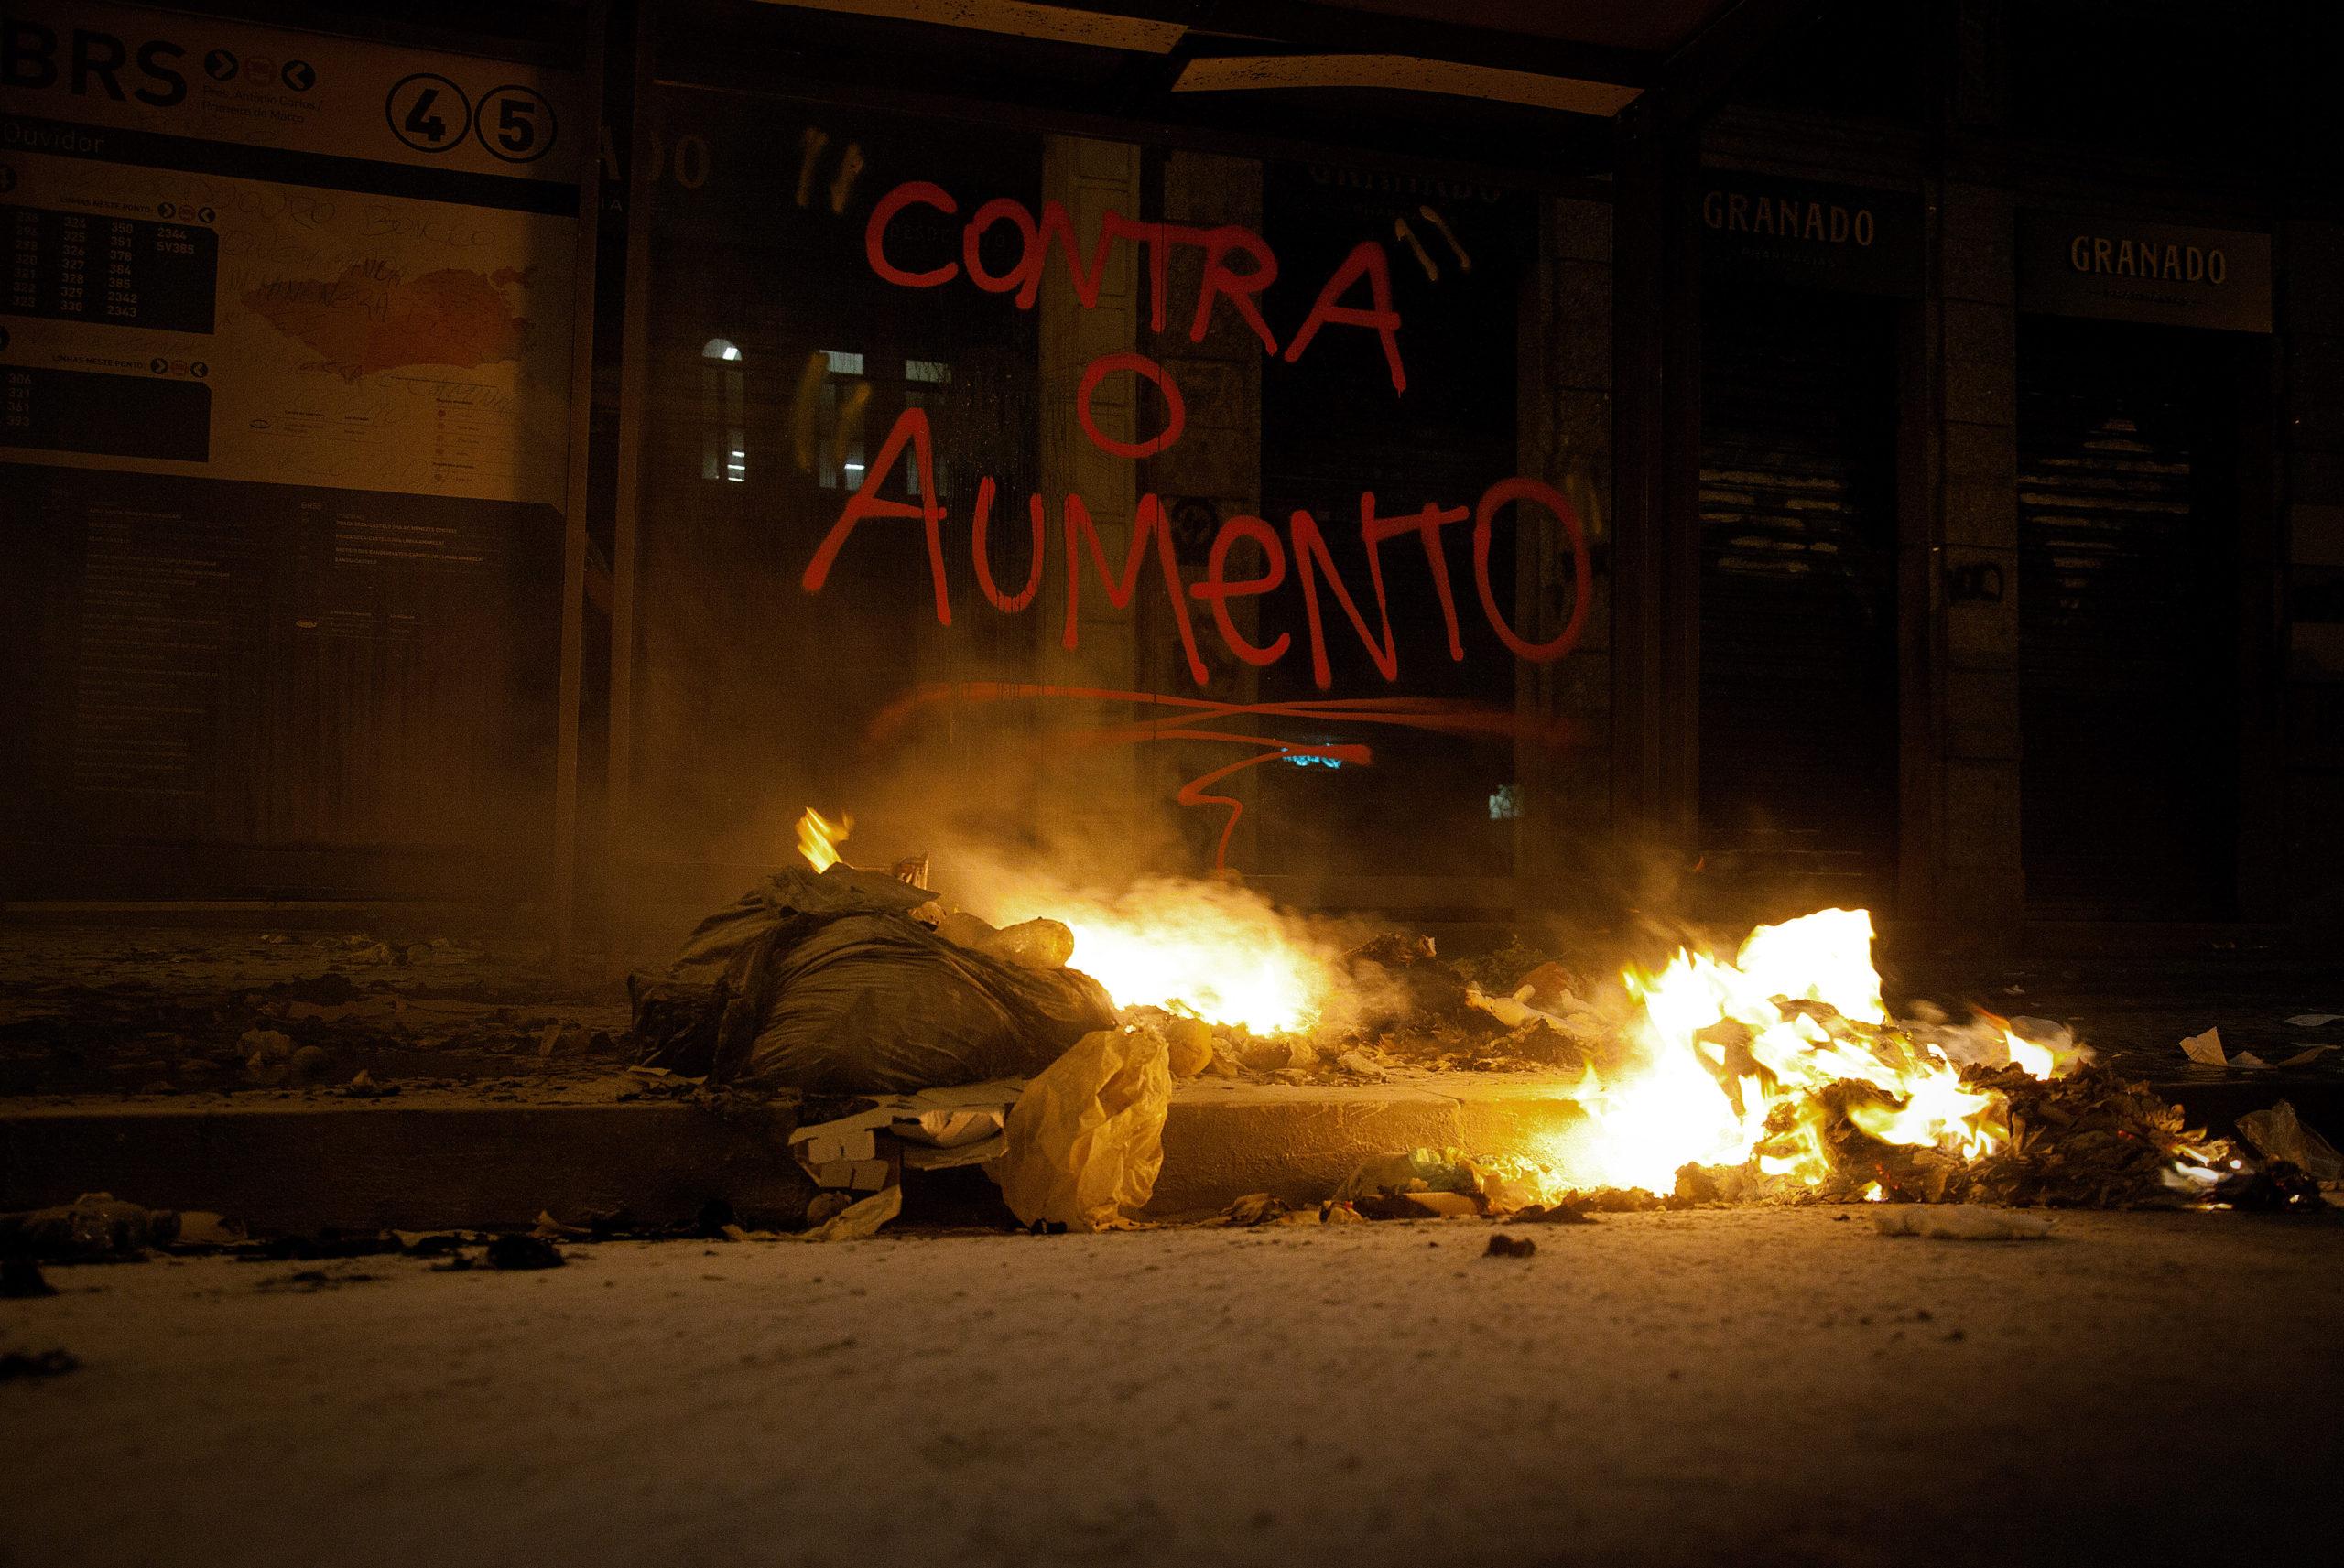 Protesto contra o aumento da tarifa em 2013 - RJ